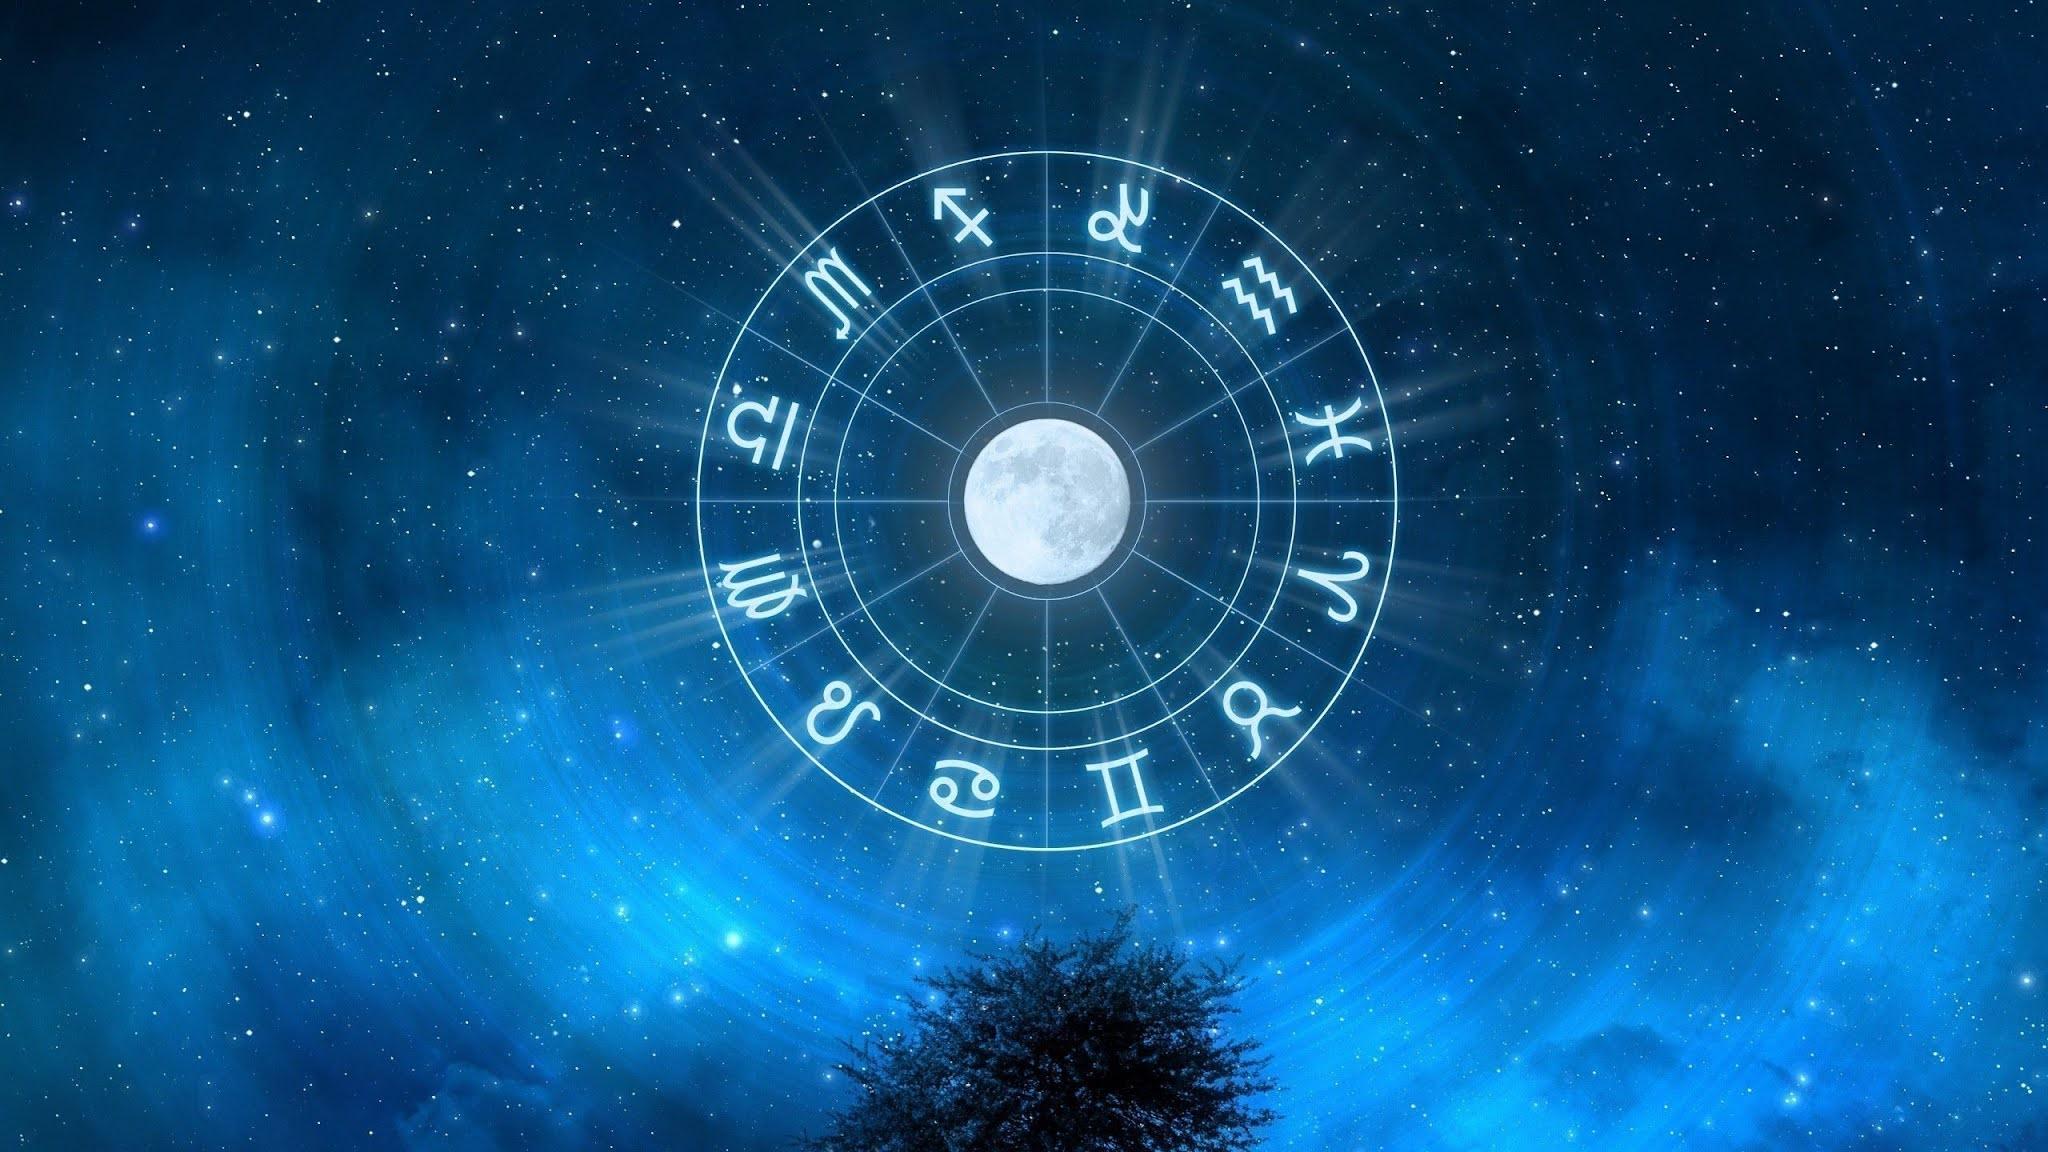 Simak! 4 Zodiak yang Cocok Dijadikan Teman Curhat Karena Pendengar yang Baik